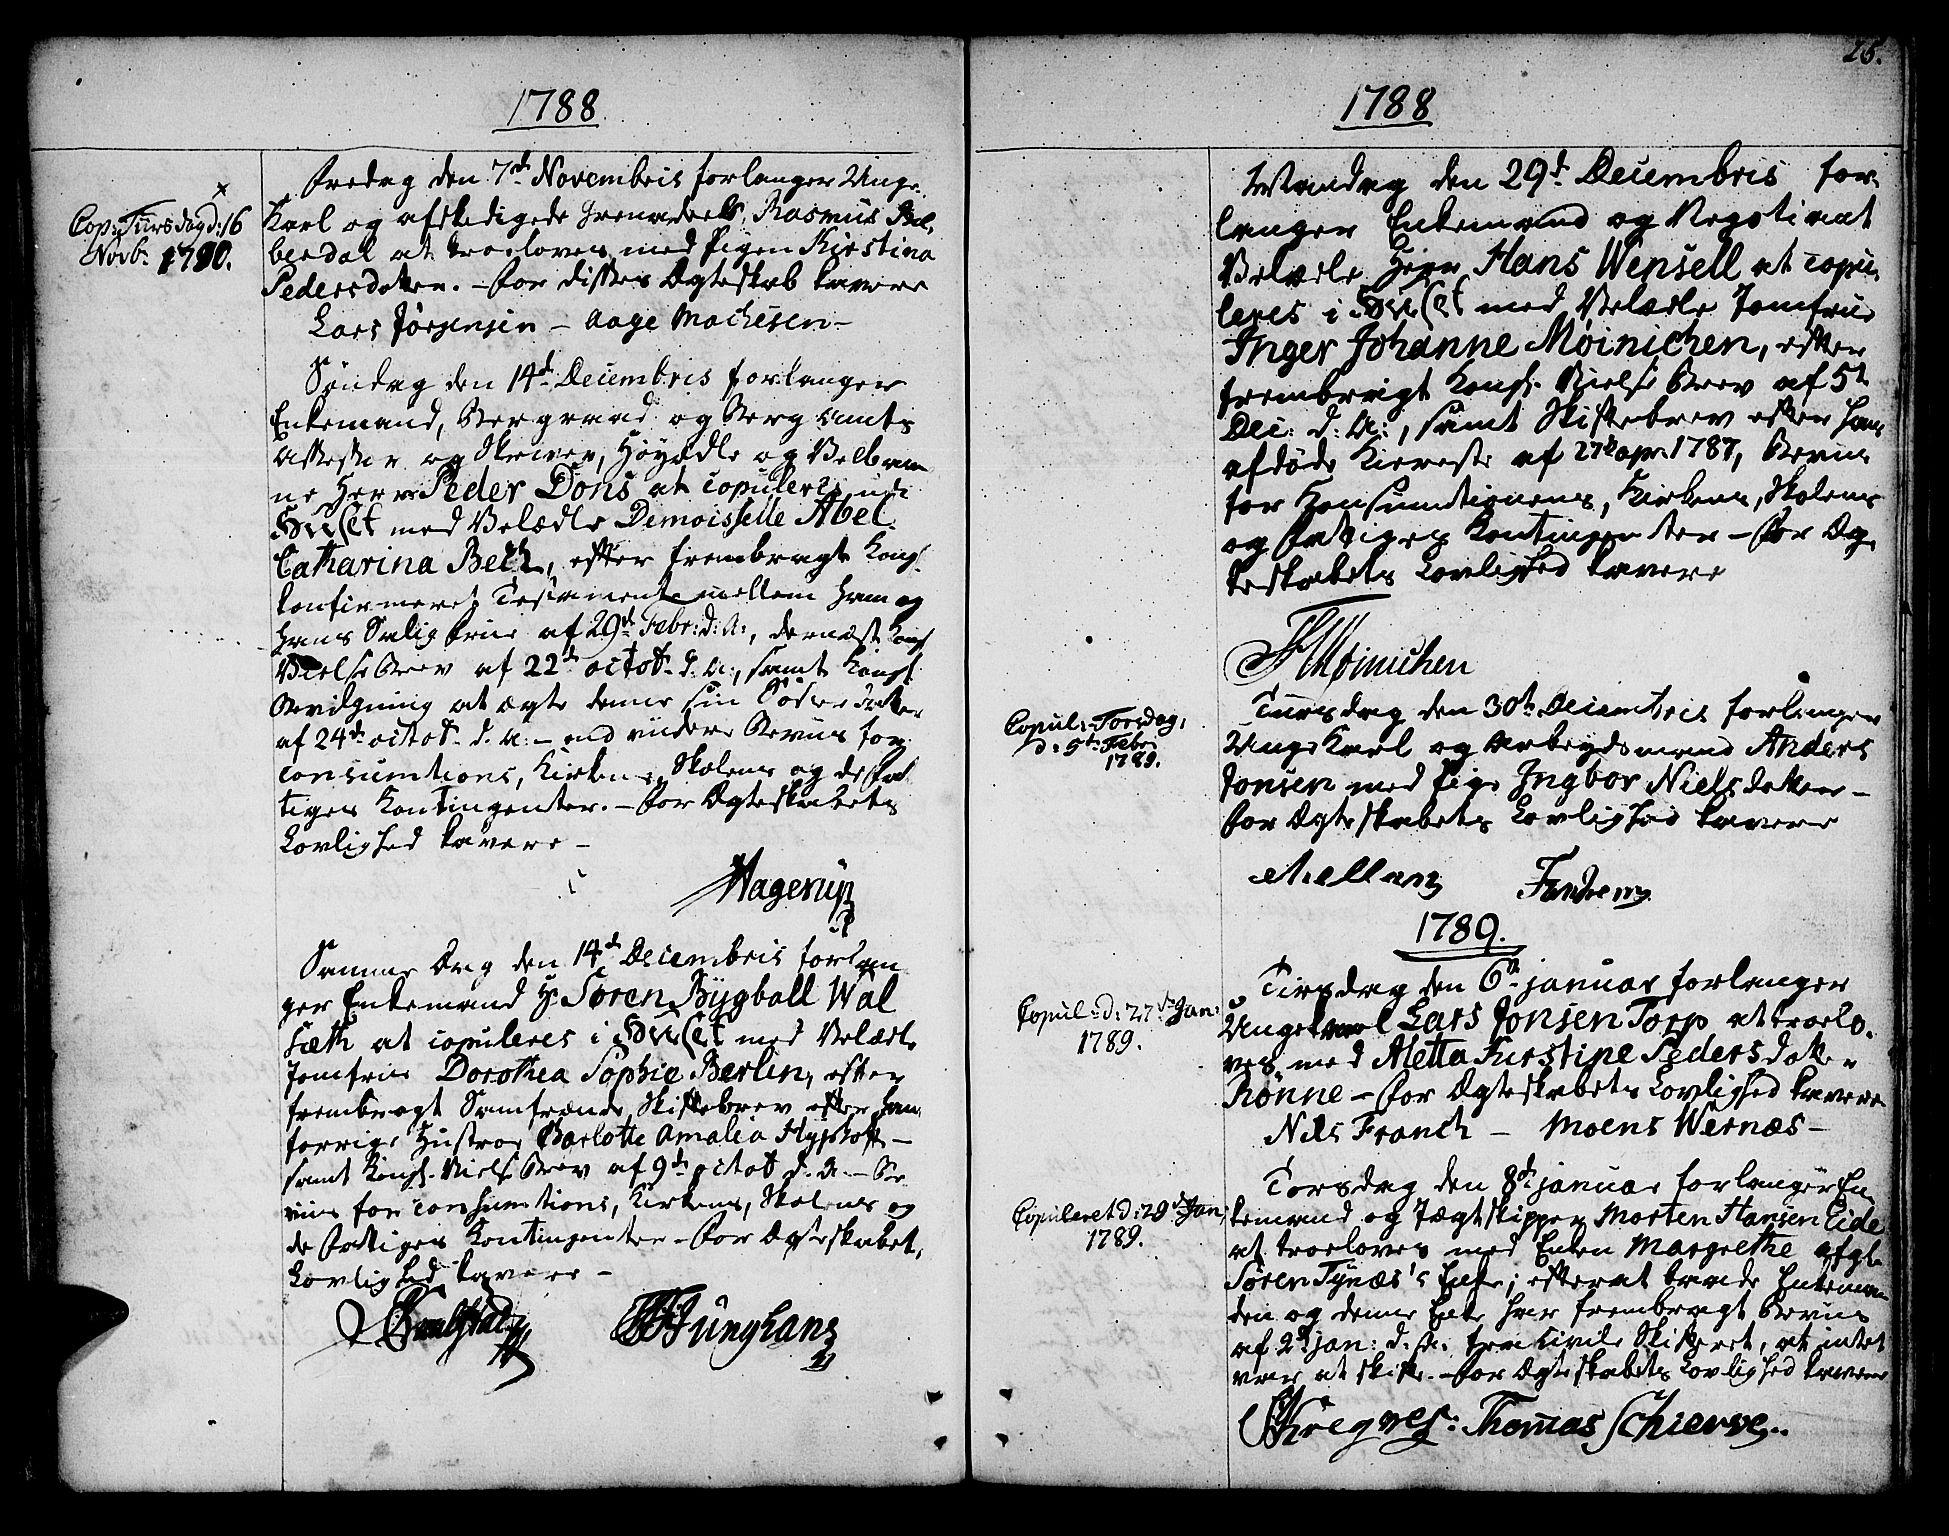 SAT, Ministerialprotokoller, klokkerbøker og fødselsregistre - Sør-Trøndelag, 601/L0041: Ministerialbok nr. 601A09, 1784-1801, s. 25